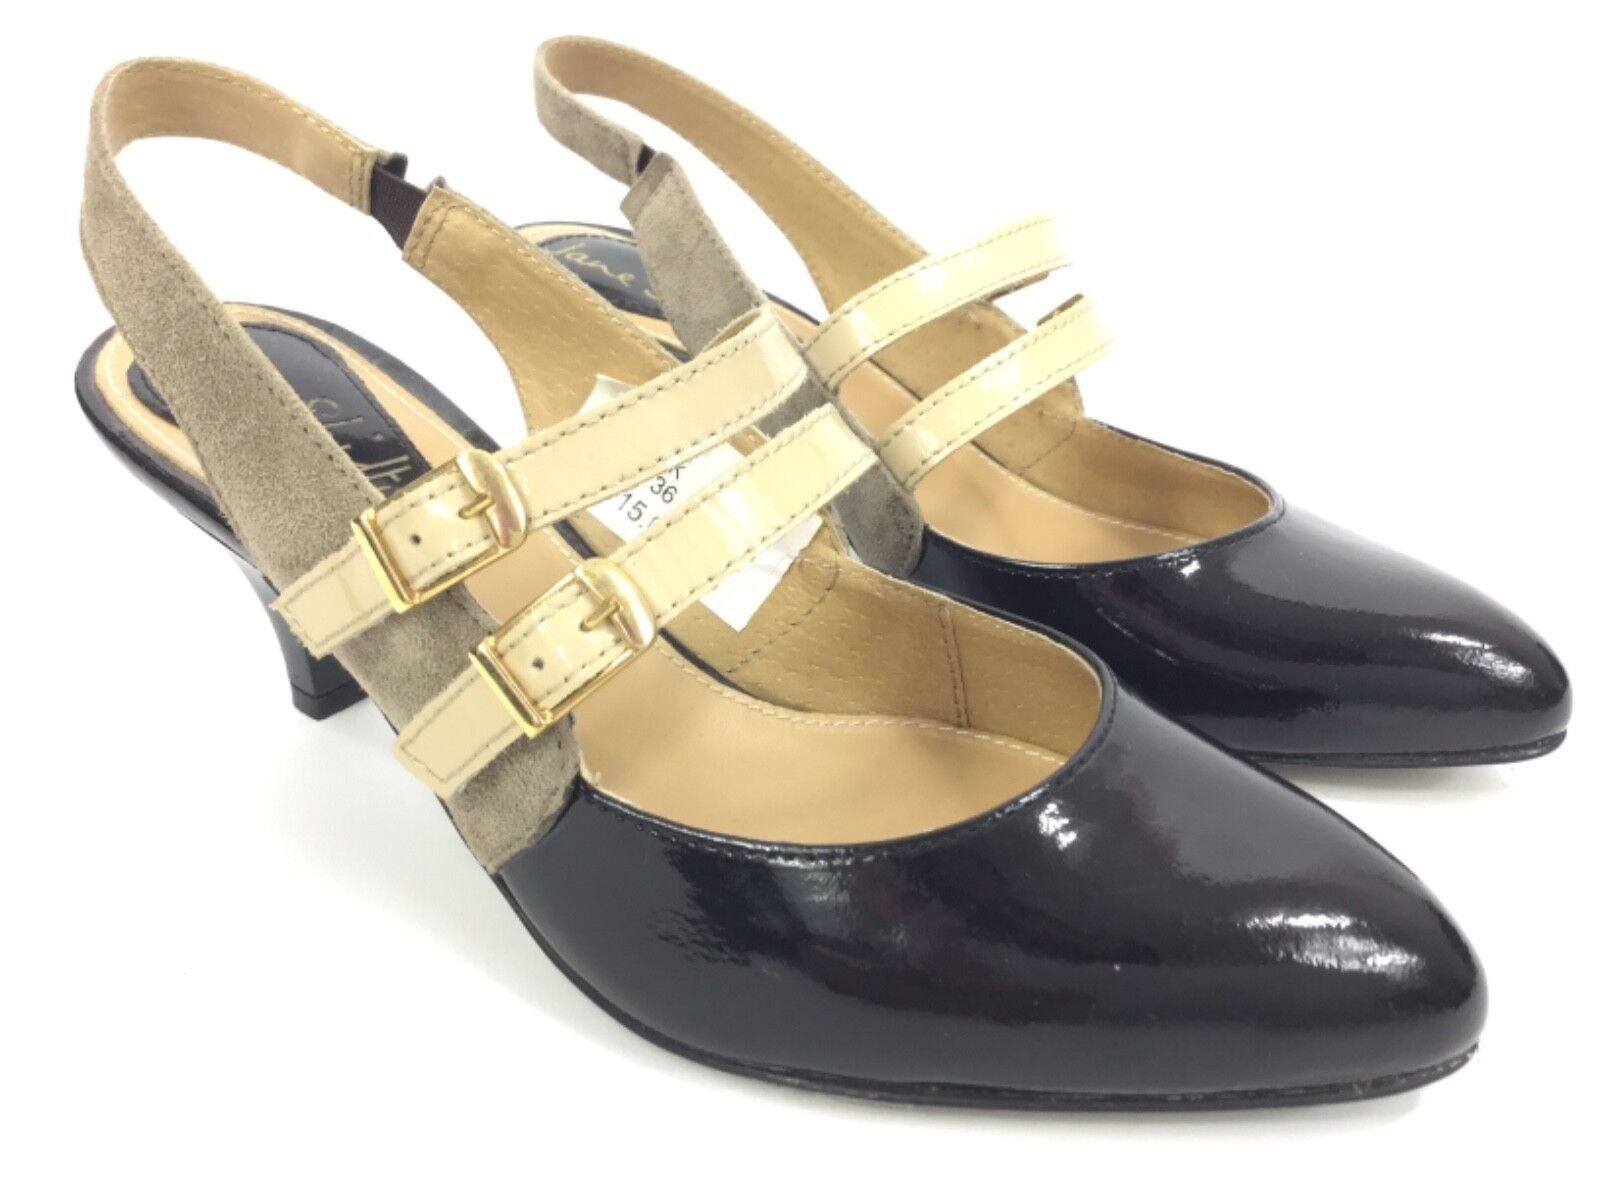 Jane Shilton Vintage Estilo Charol Charol Charol Negro gris Gamuza Slingback zapatos 36  preferente